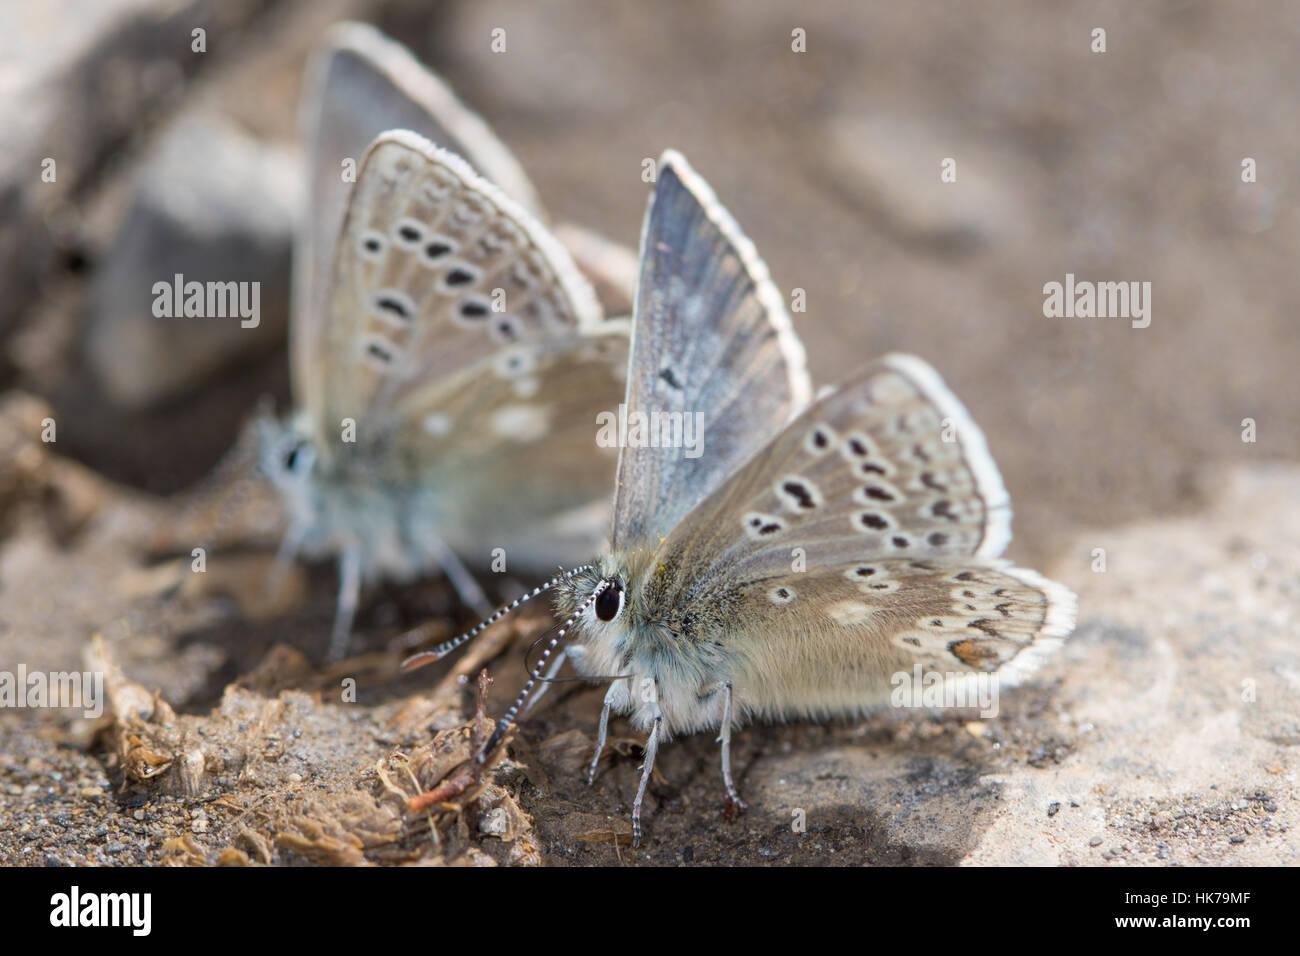 Paire de Glandon Blue (Plebejus glandon) papillons se nourrissent de minéraux à partir de sols humides Photo Stock